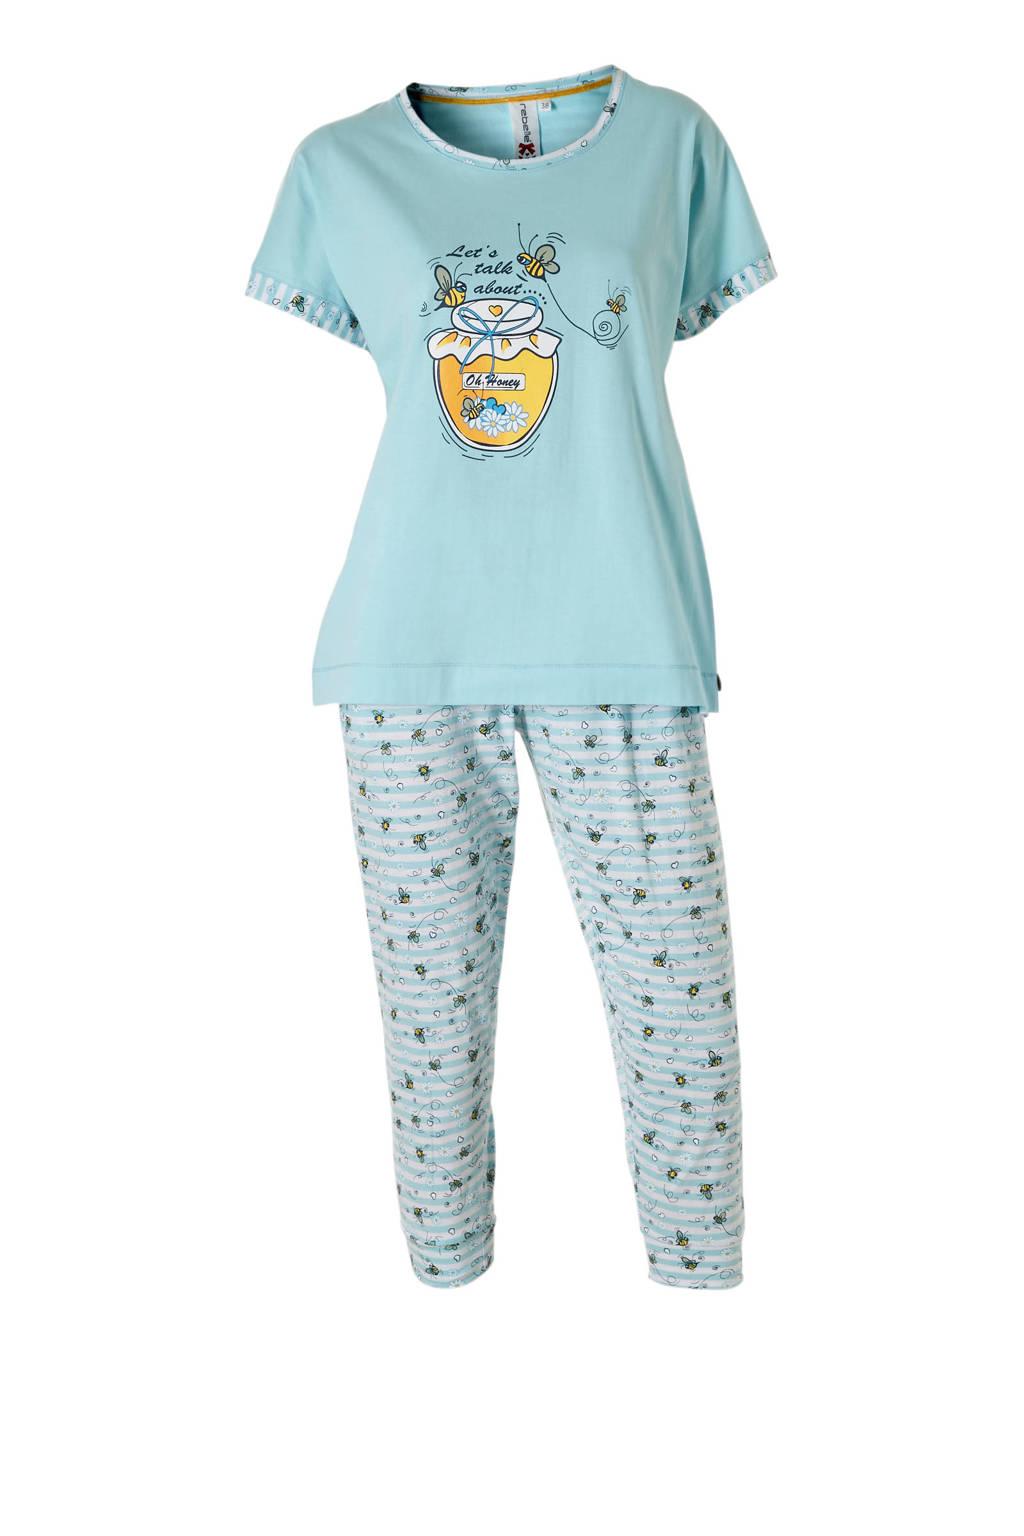 Rebelle pyjama met print blauw, Blauw/wit/geel